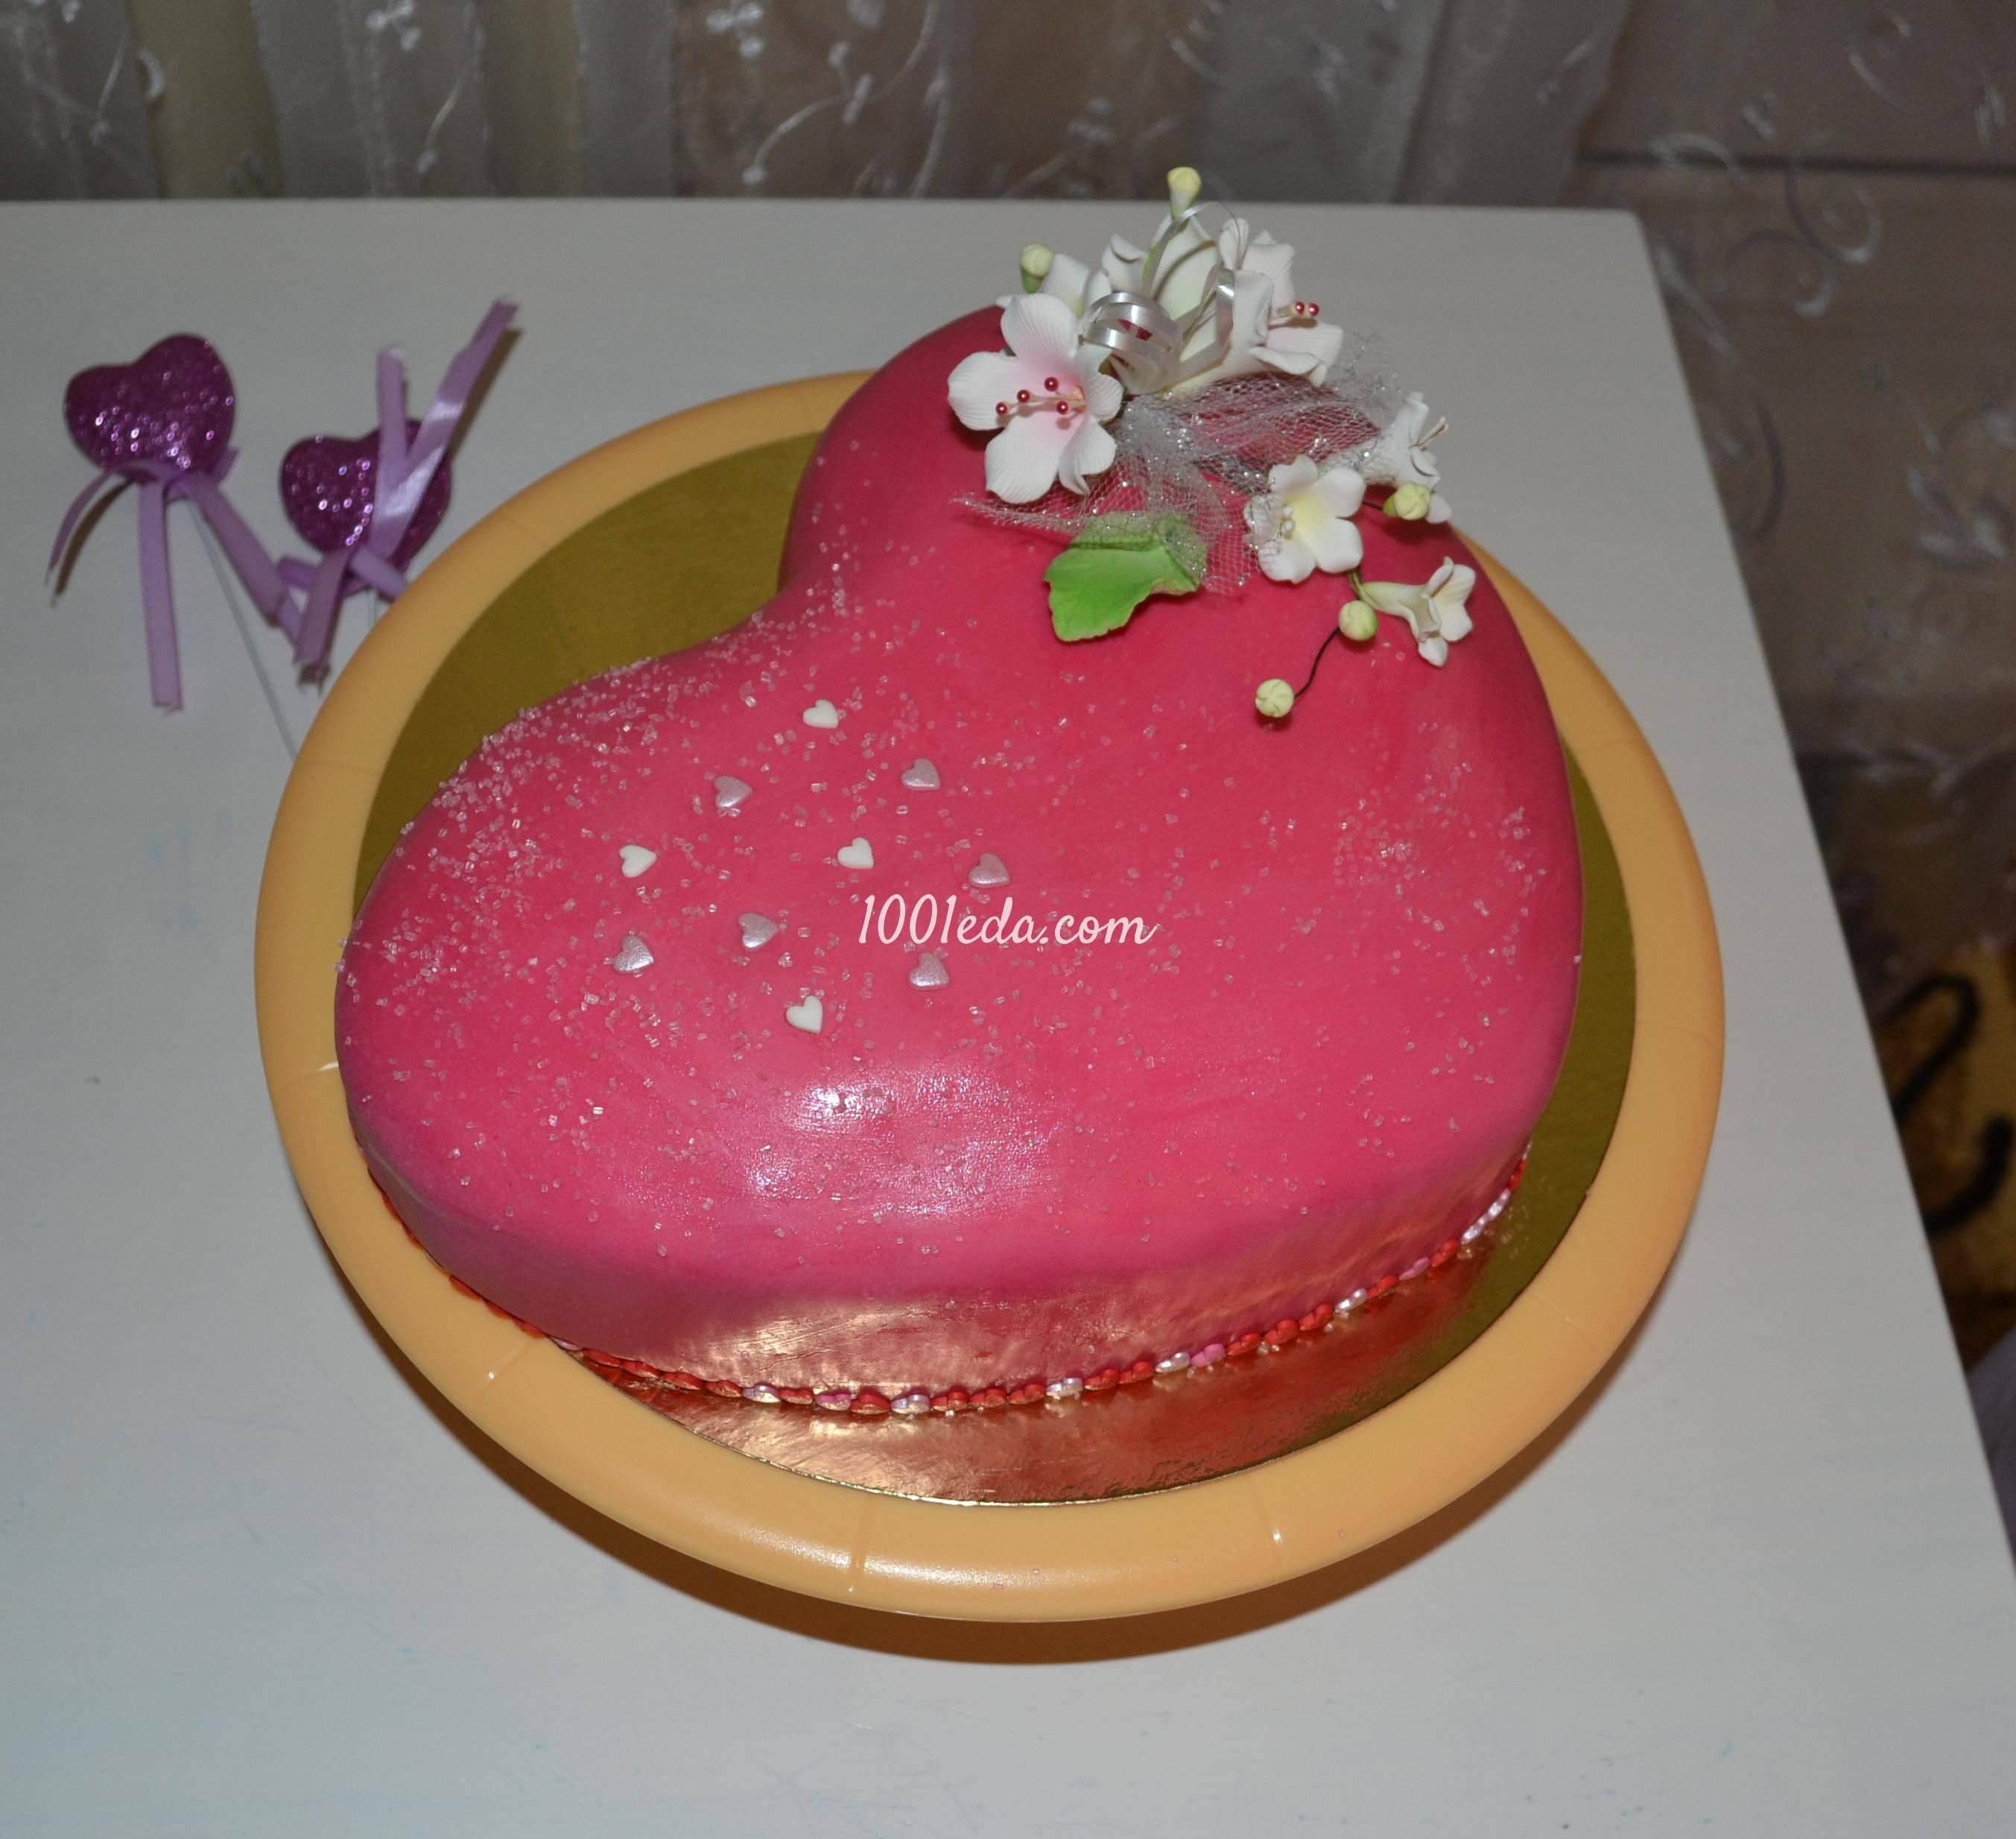 Как украсить свадебный торт своими руками на зависть гостям